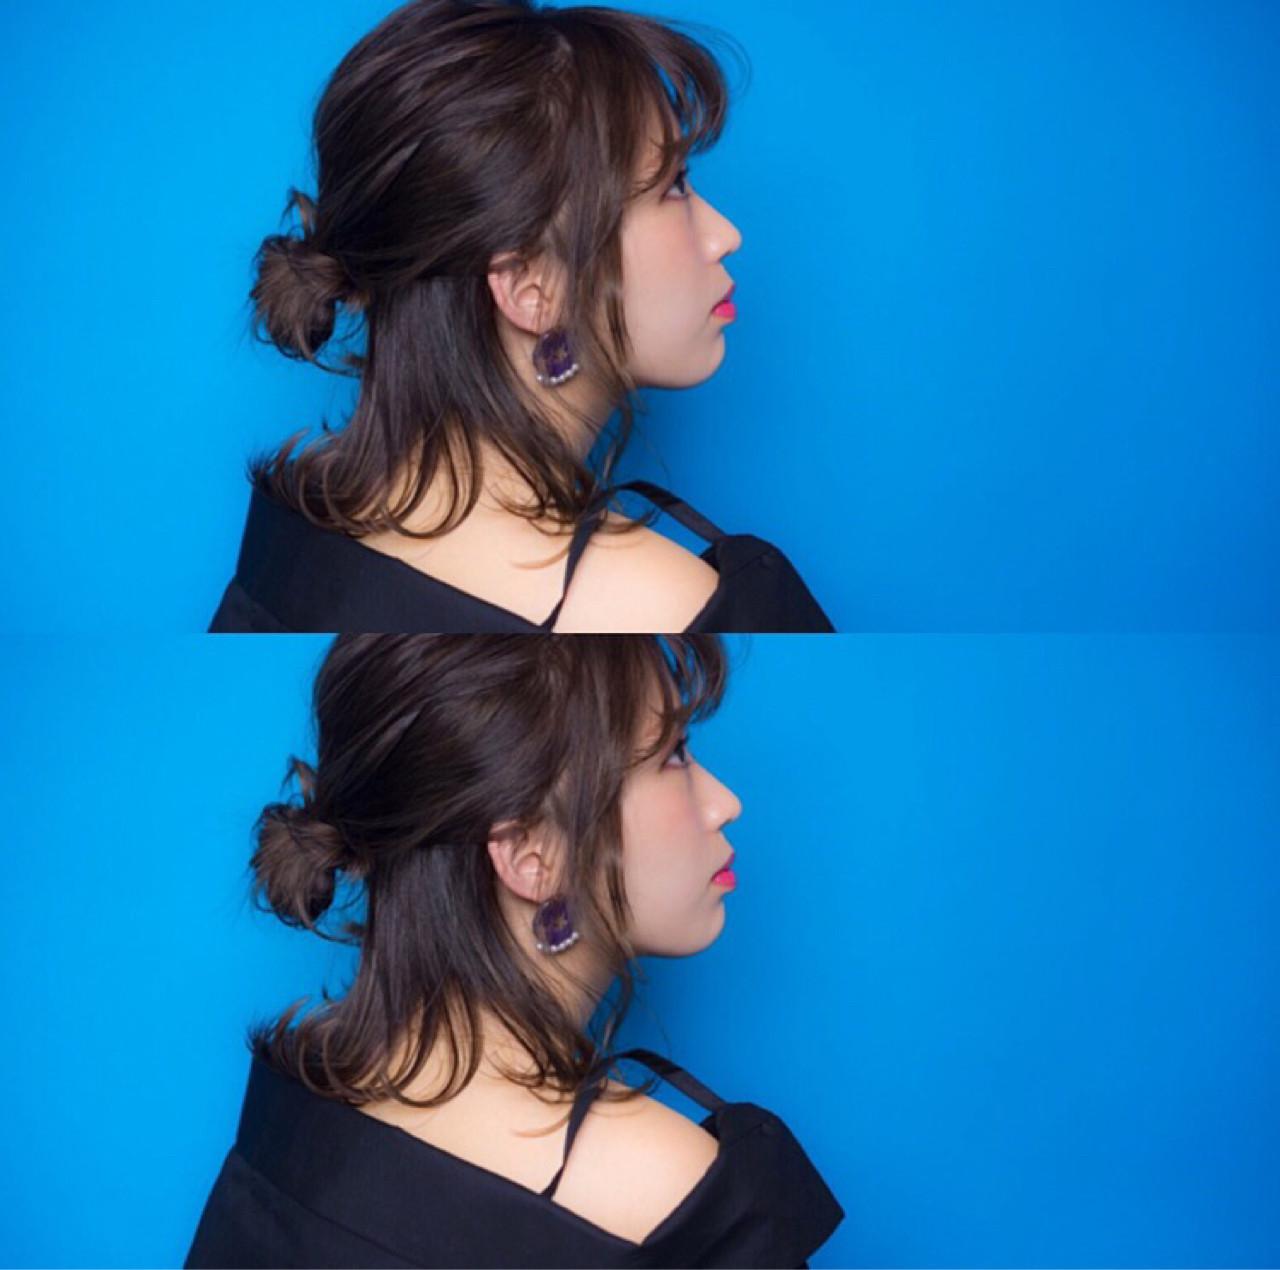 イルミナカラー ハーフアップ ボブ フェミニン ヘアスタイルや髪型の写真・画像